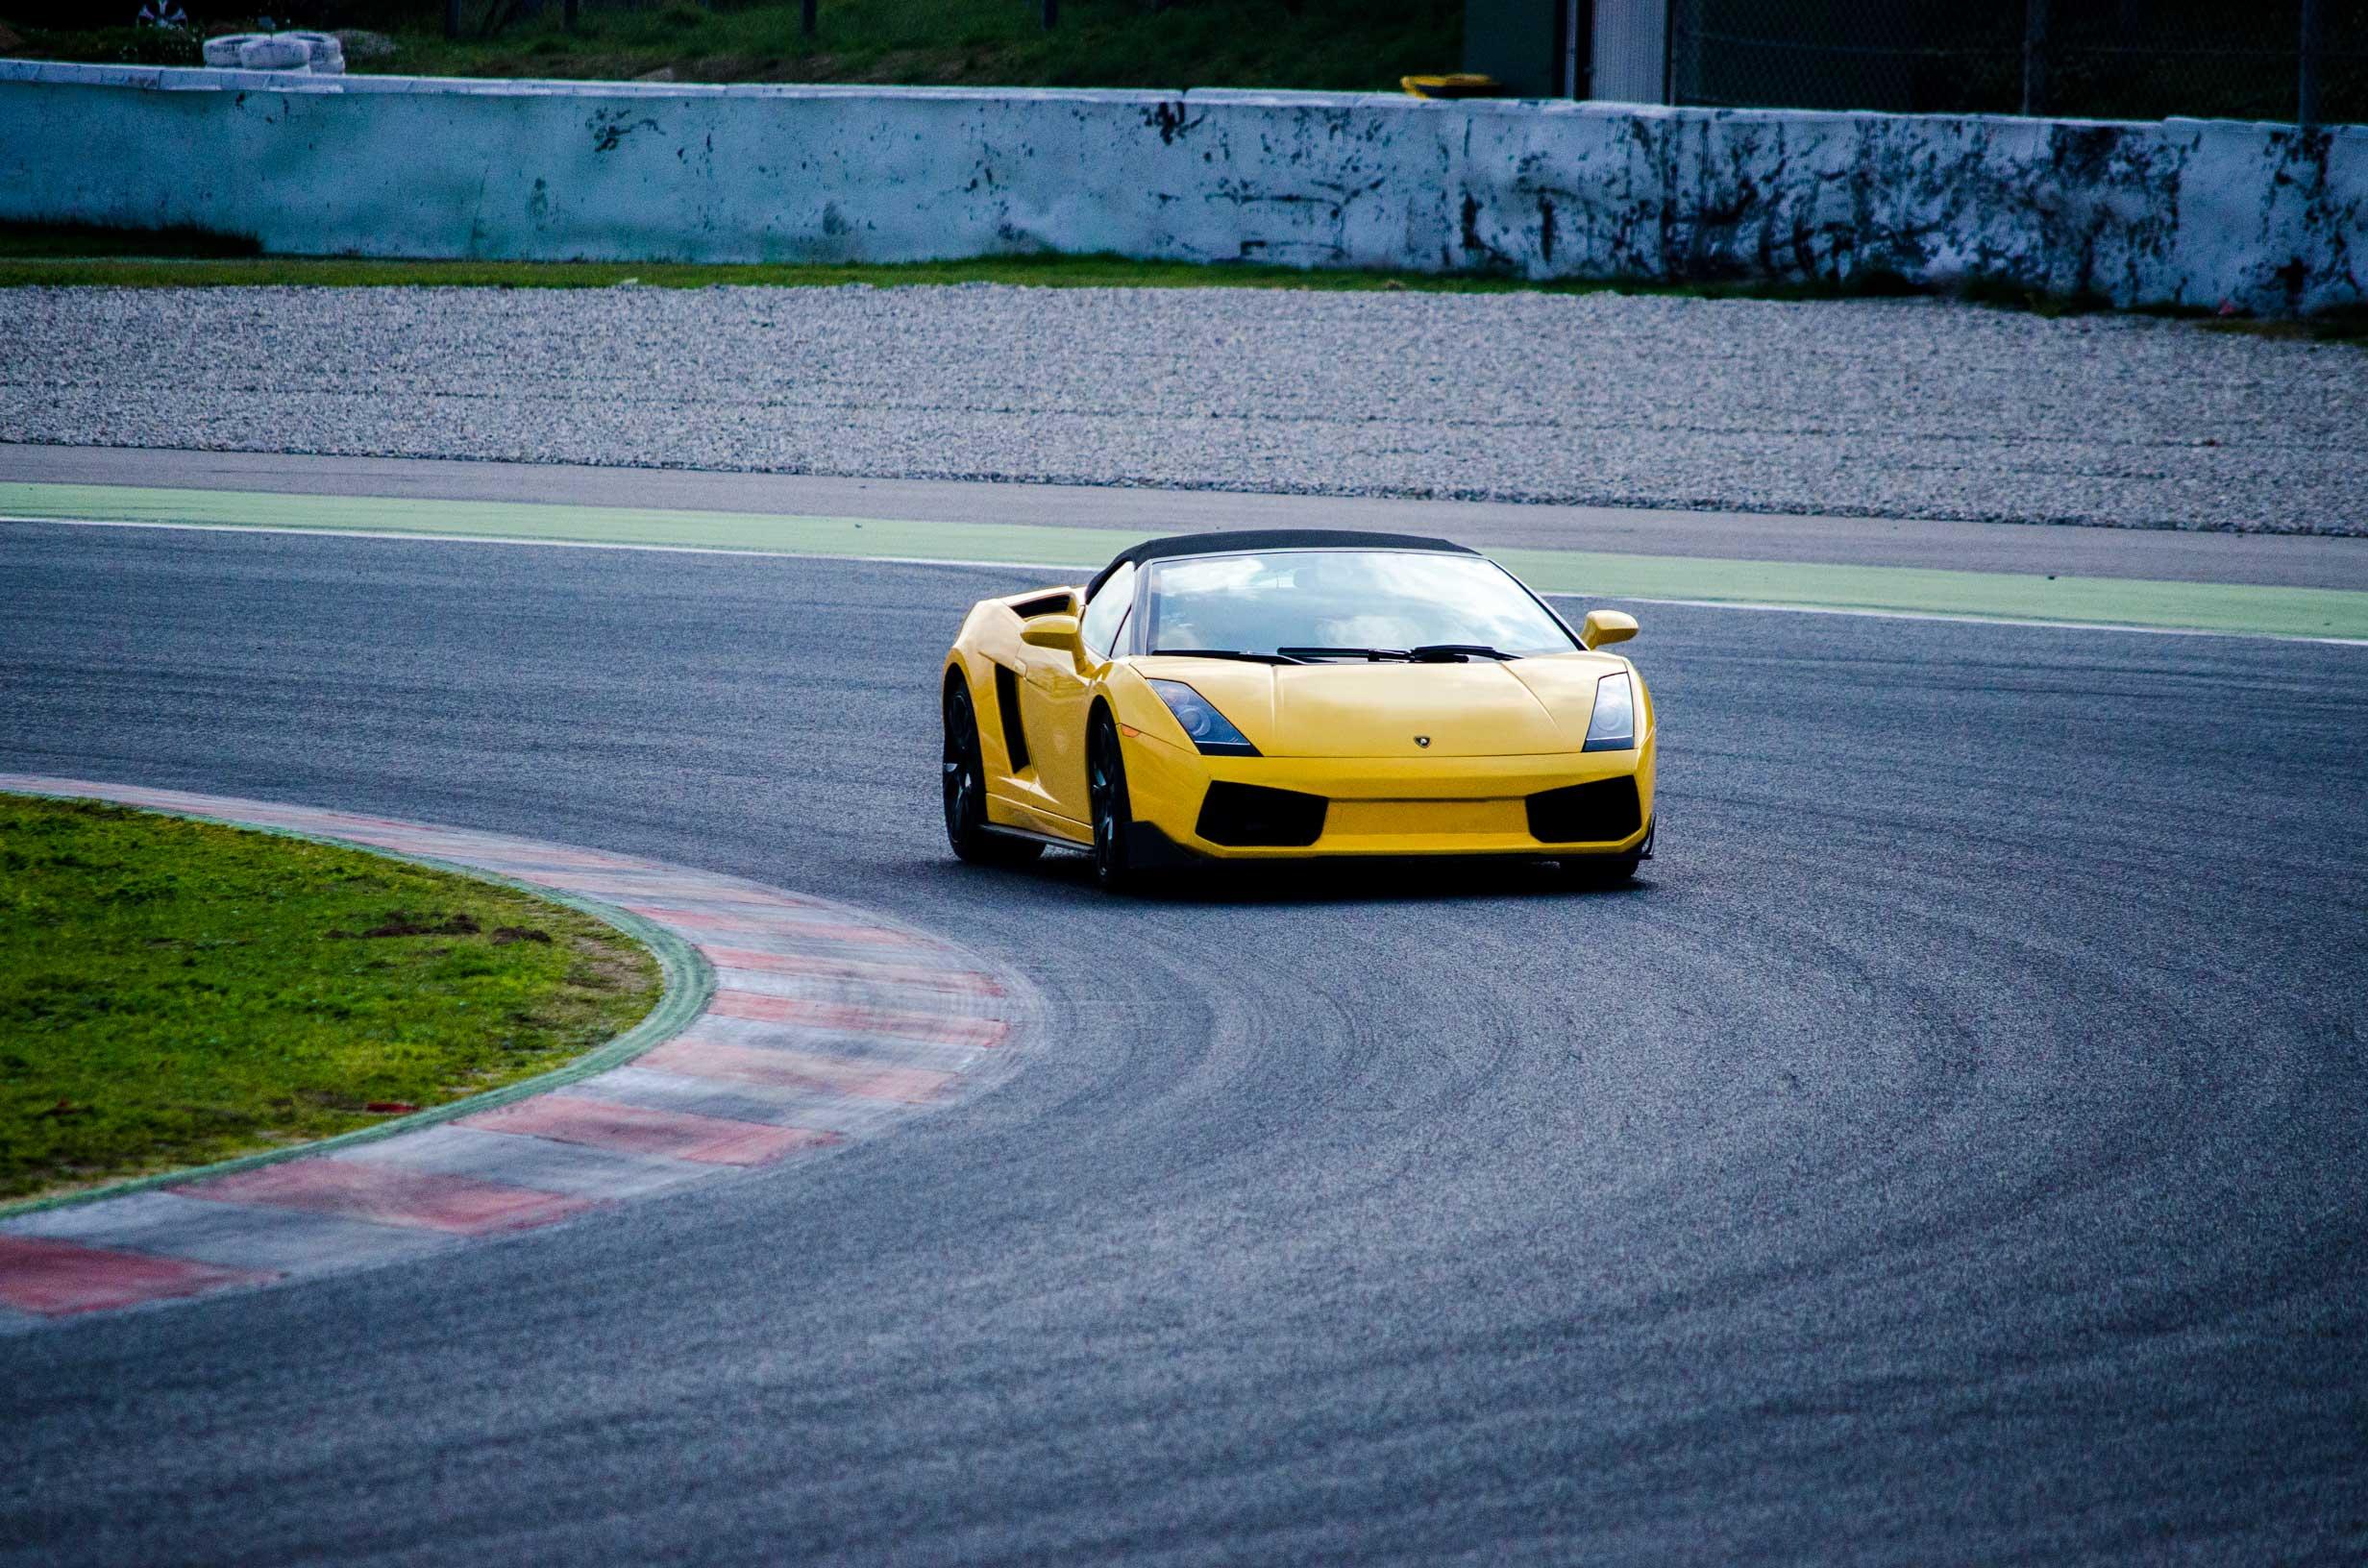 Circuito Fk1 : Conducir lamborghini en valladolid monteblanco